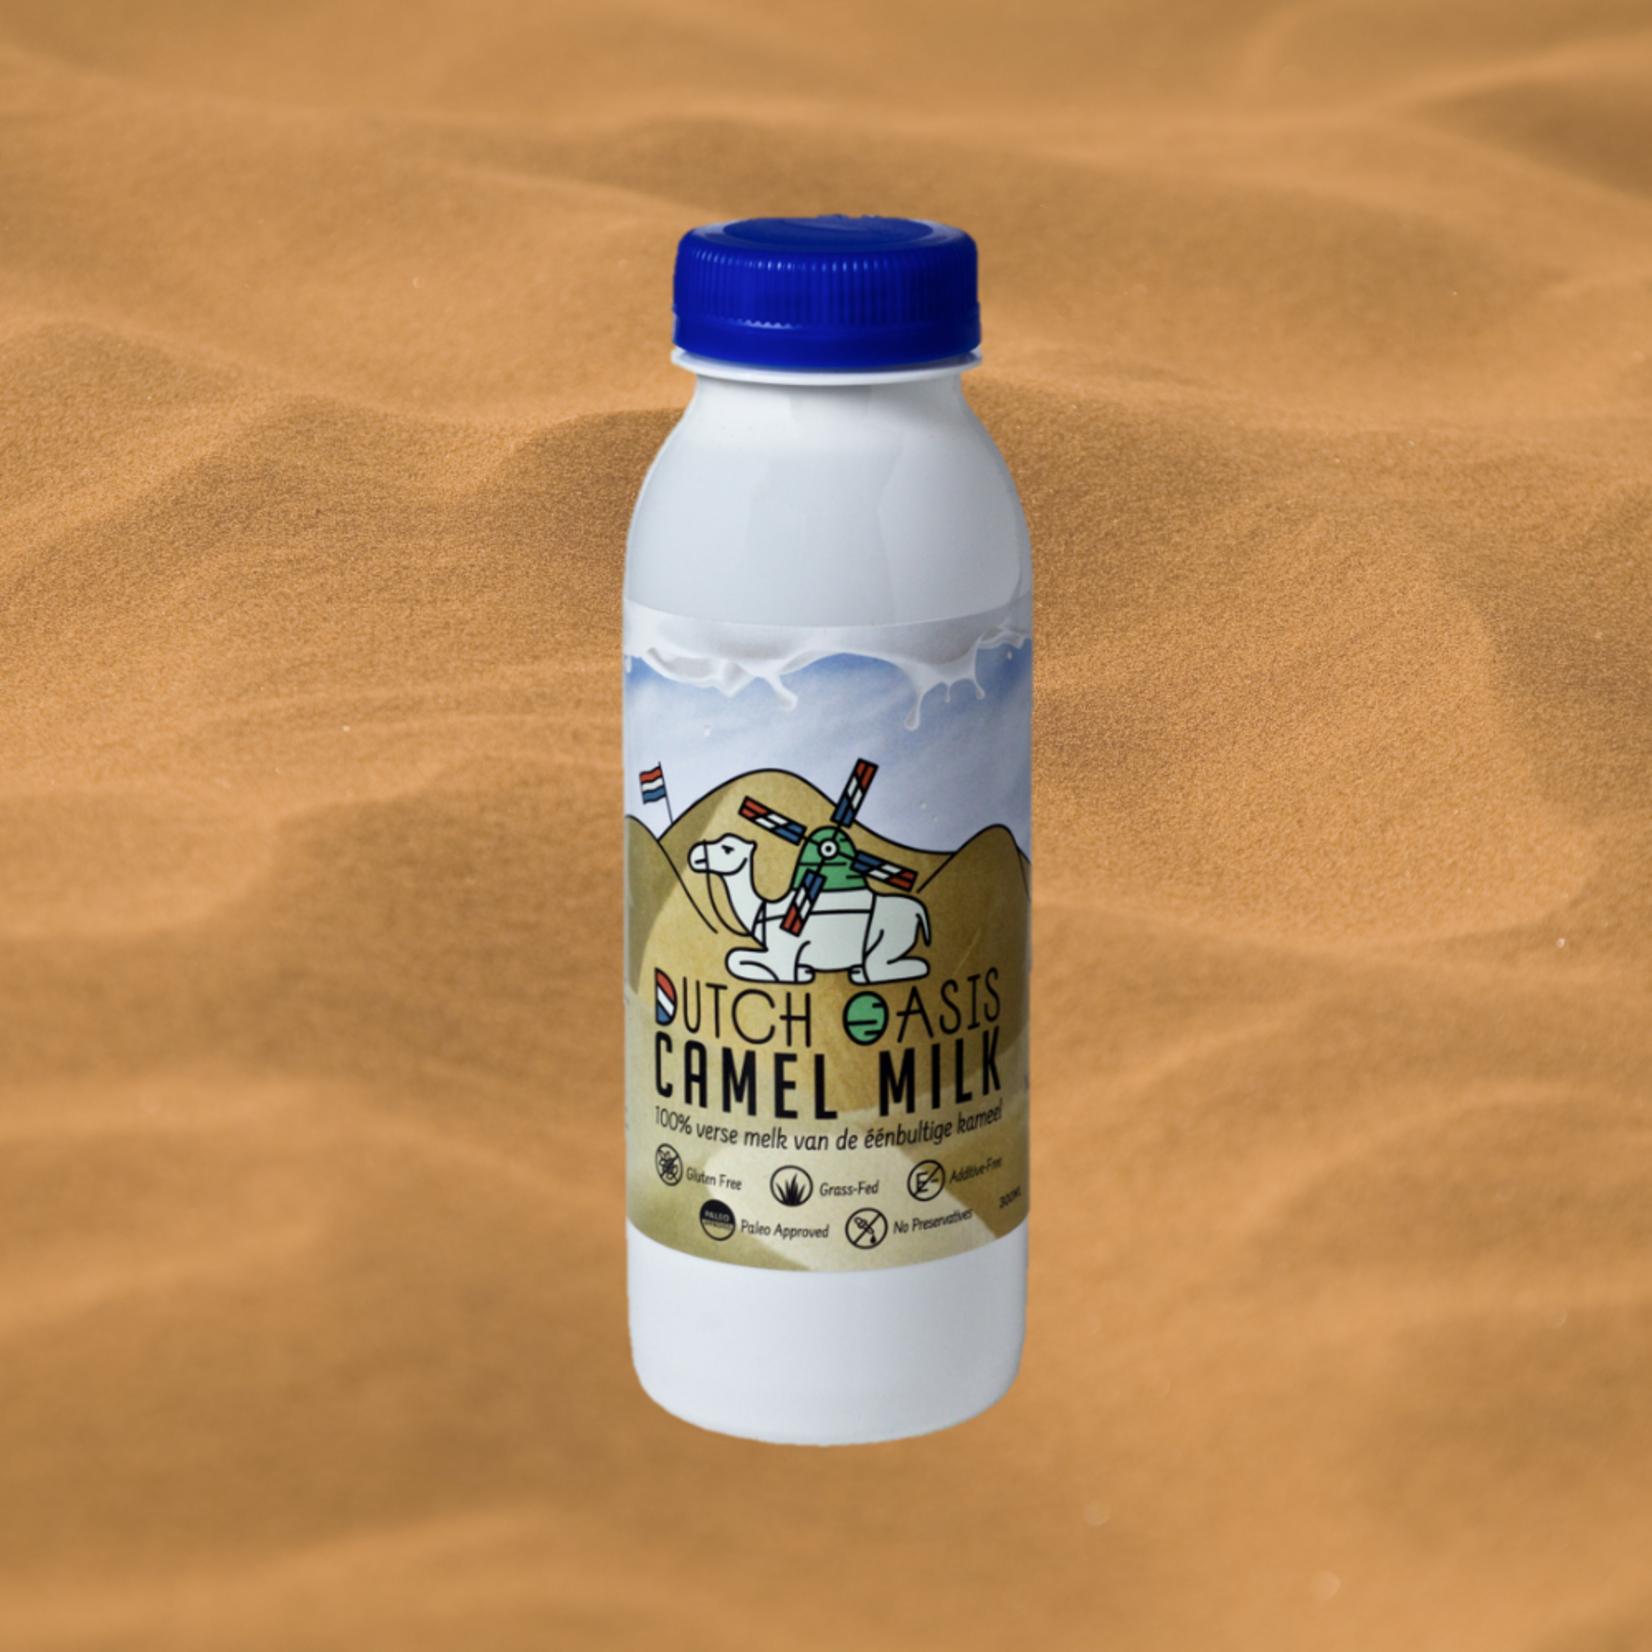 Dutch Oasis 10 bouteilles de 250 ml lait de chamelle frais  € 3,95/bouteille